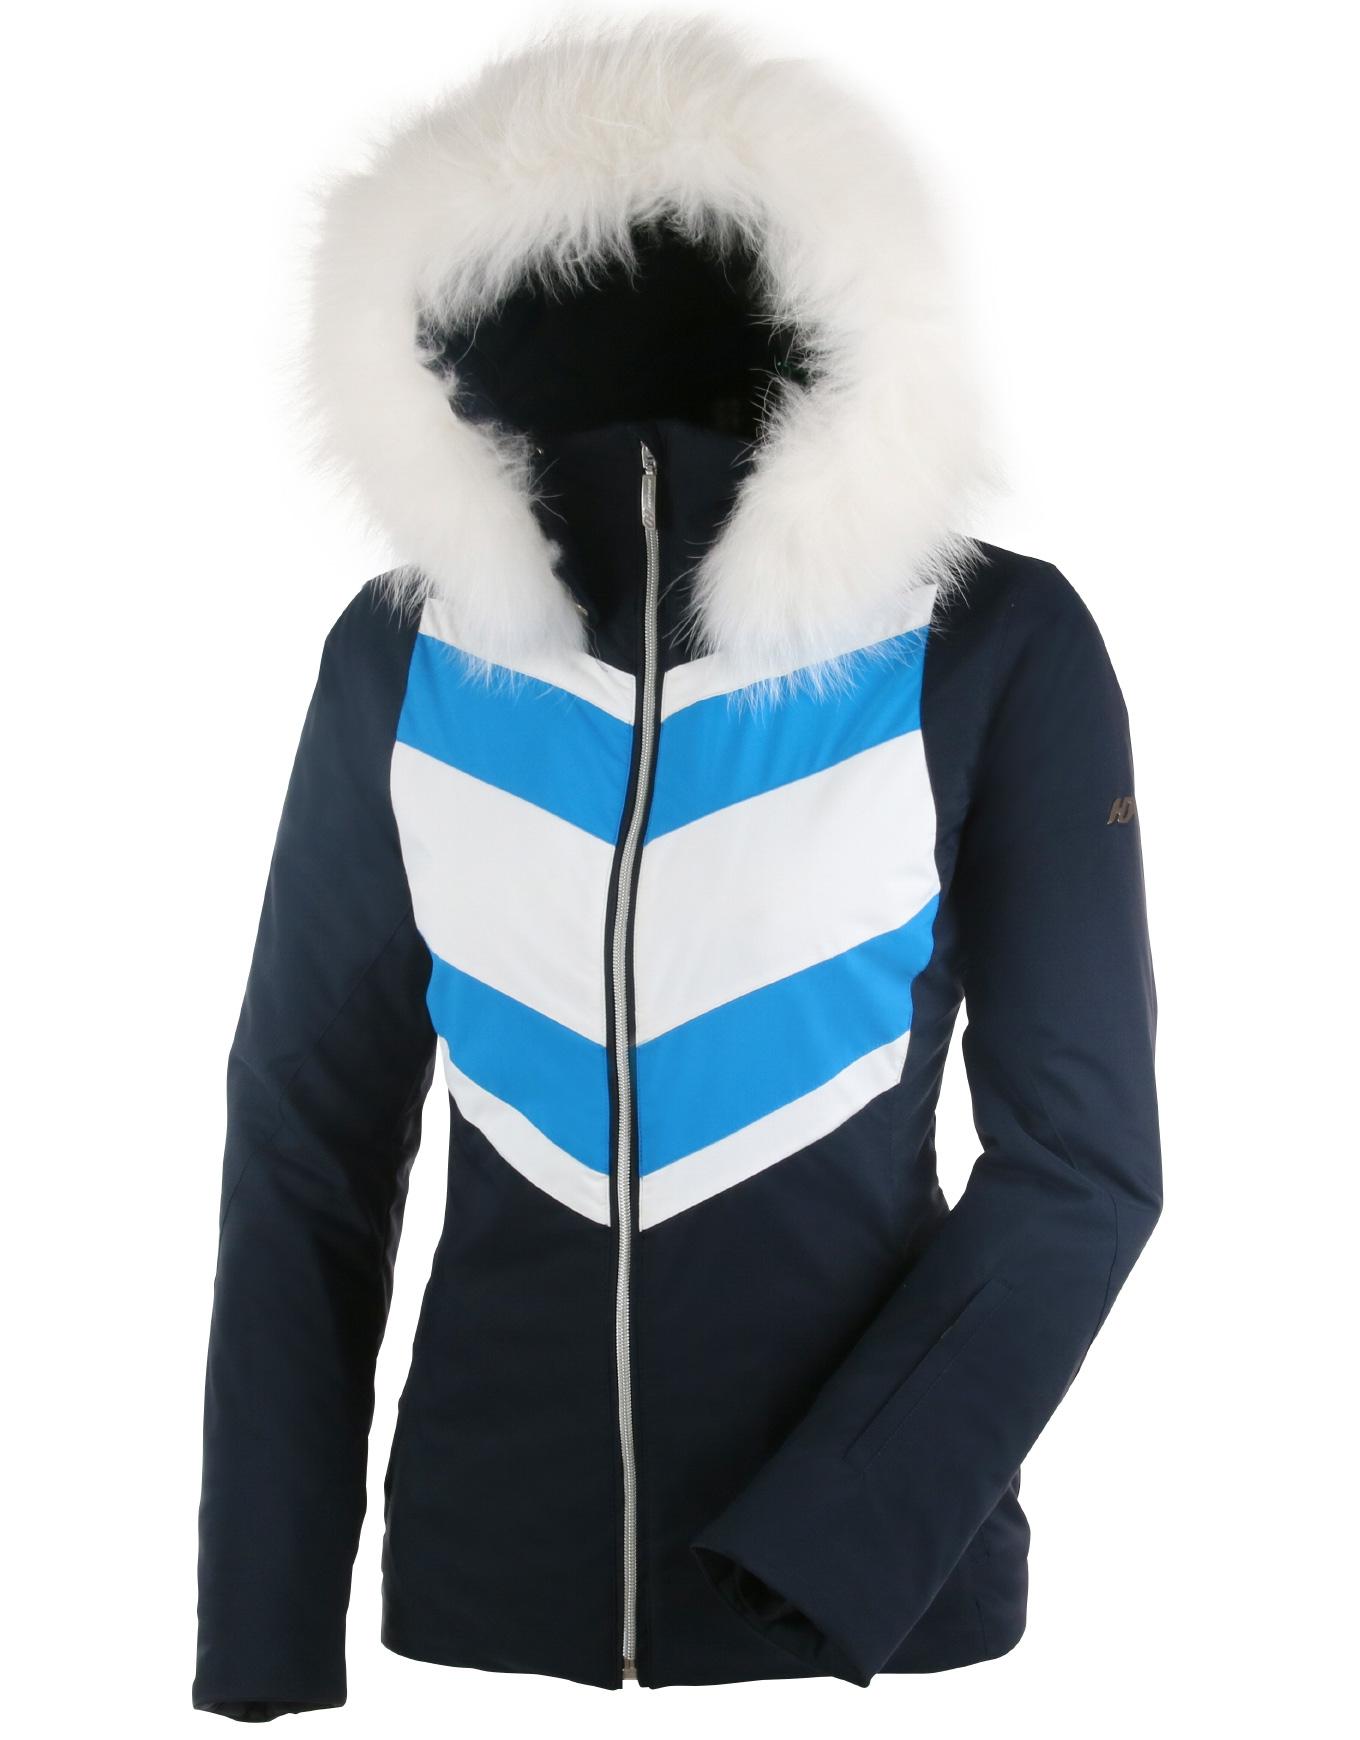 cheap for sale cost charm size 7 Henri Duvillard : Vêtements de ski Haut de Gamme